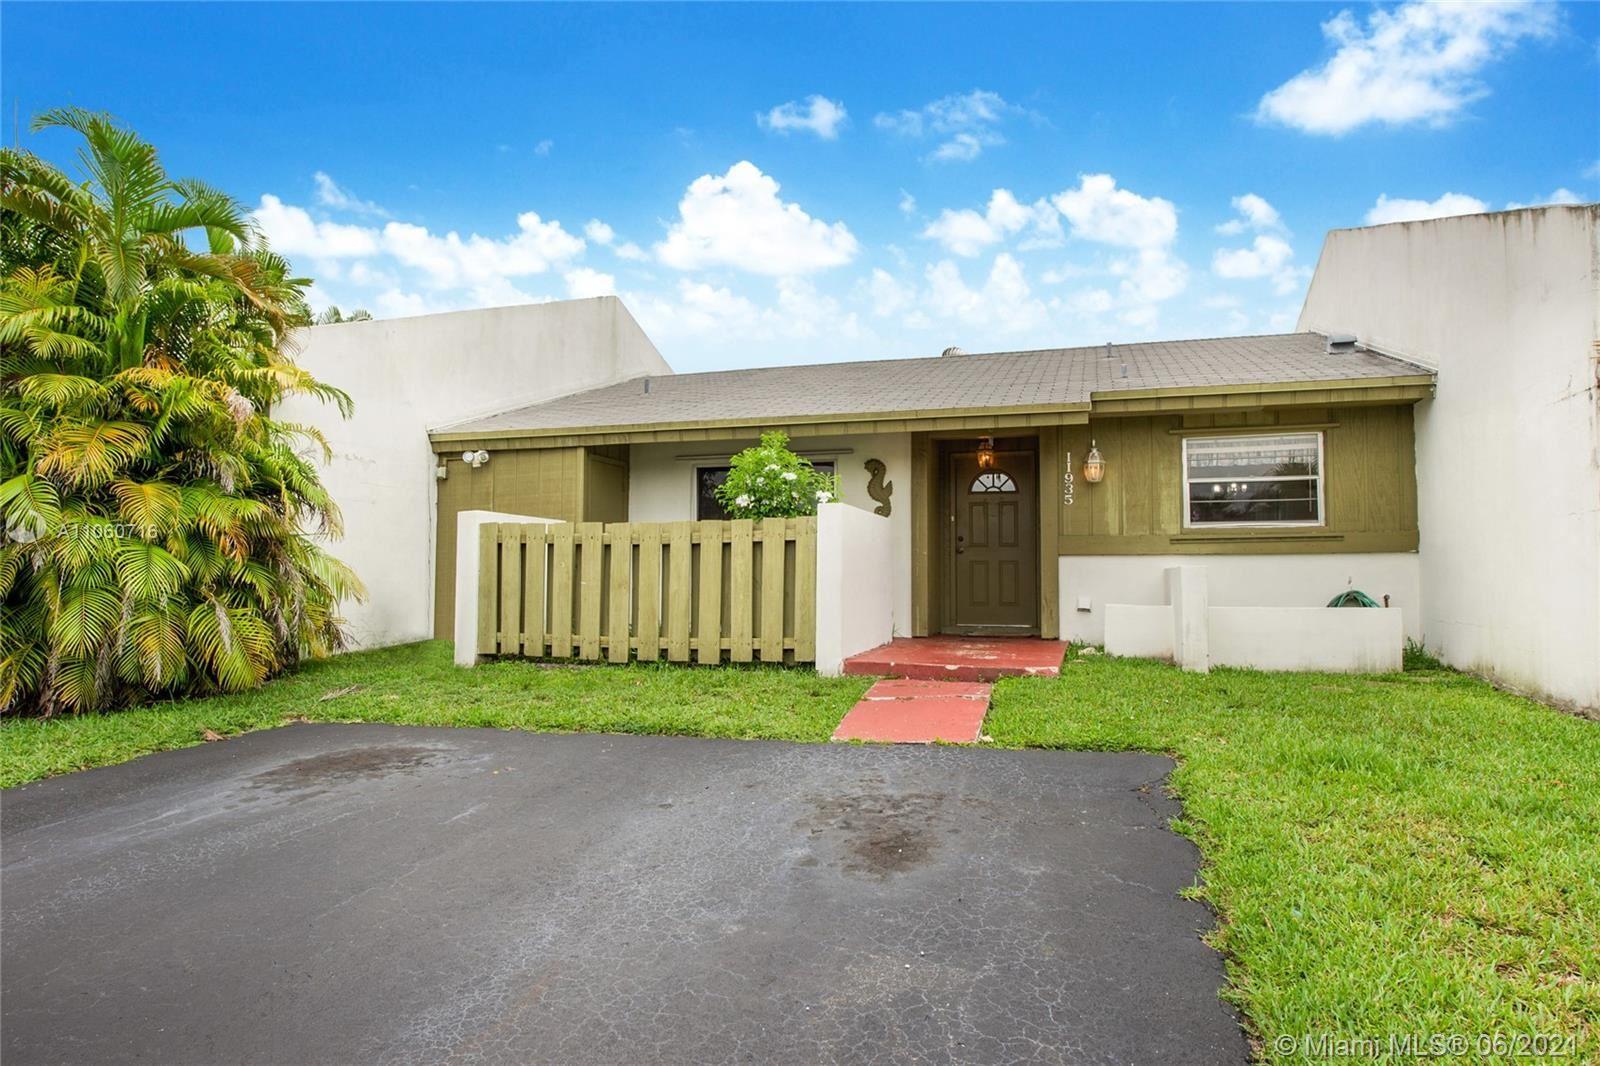 11935 SW 123rd Ave #11935, Miami, FL 33186 - #: A11060716